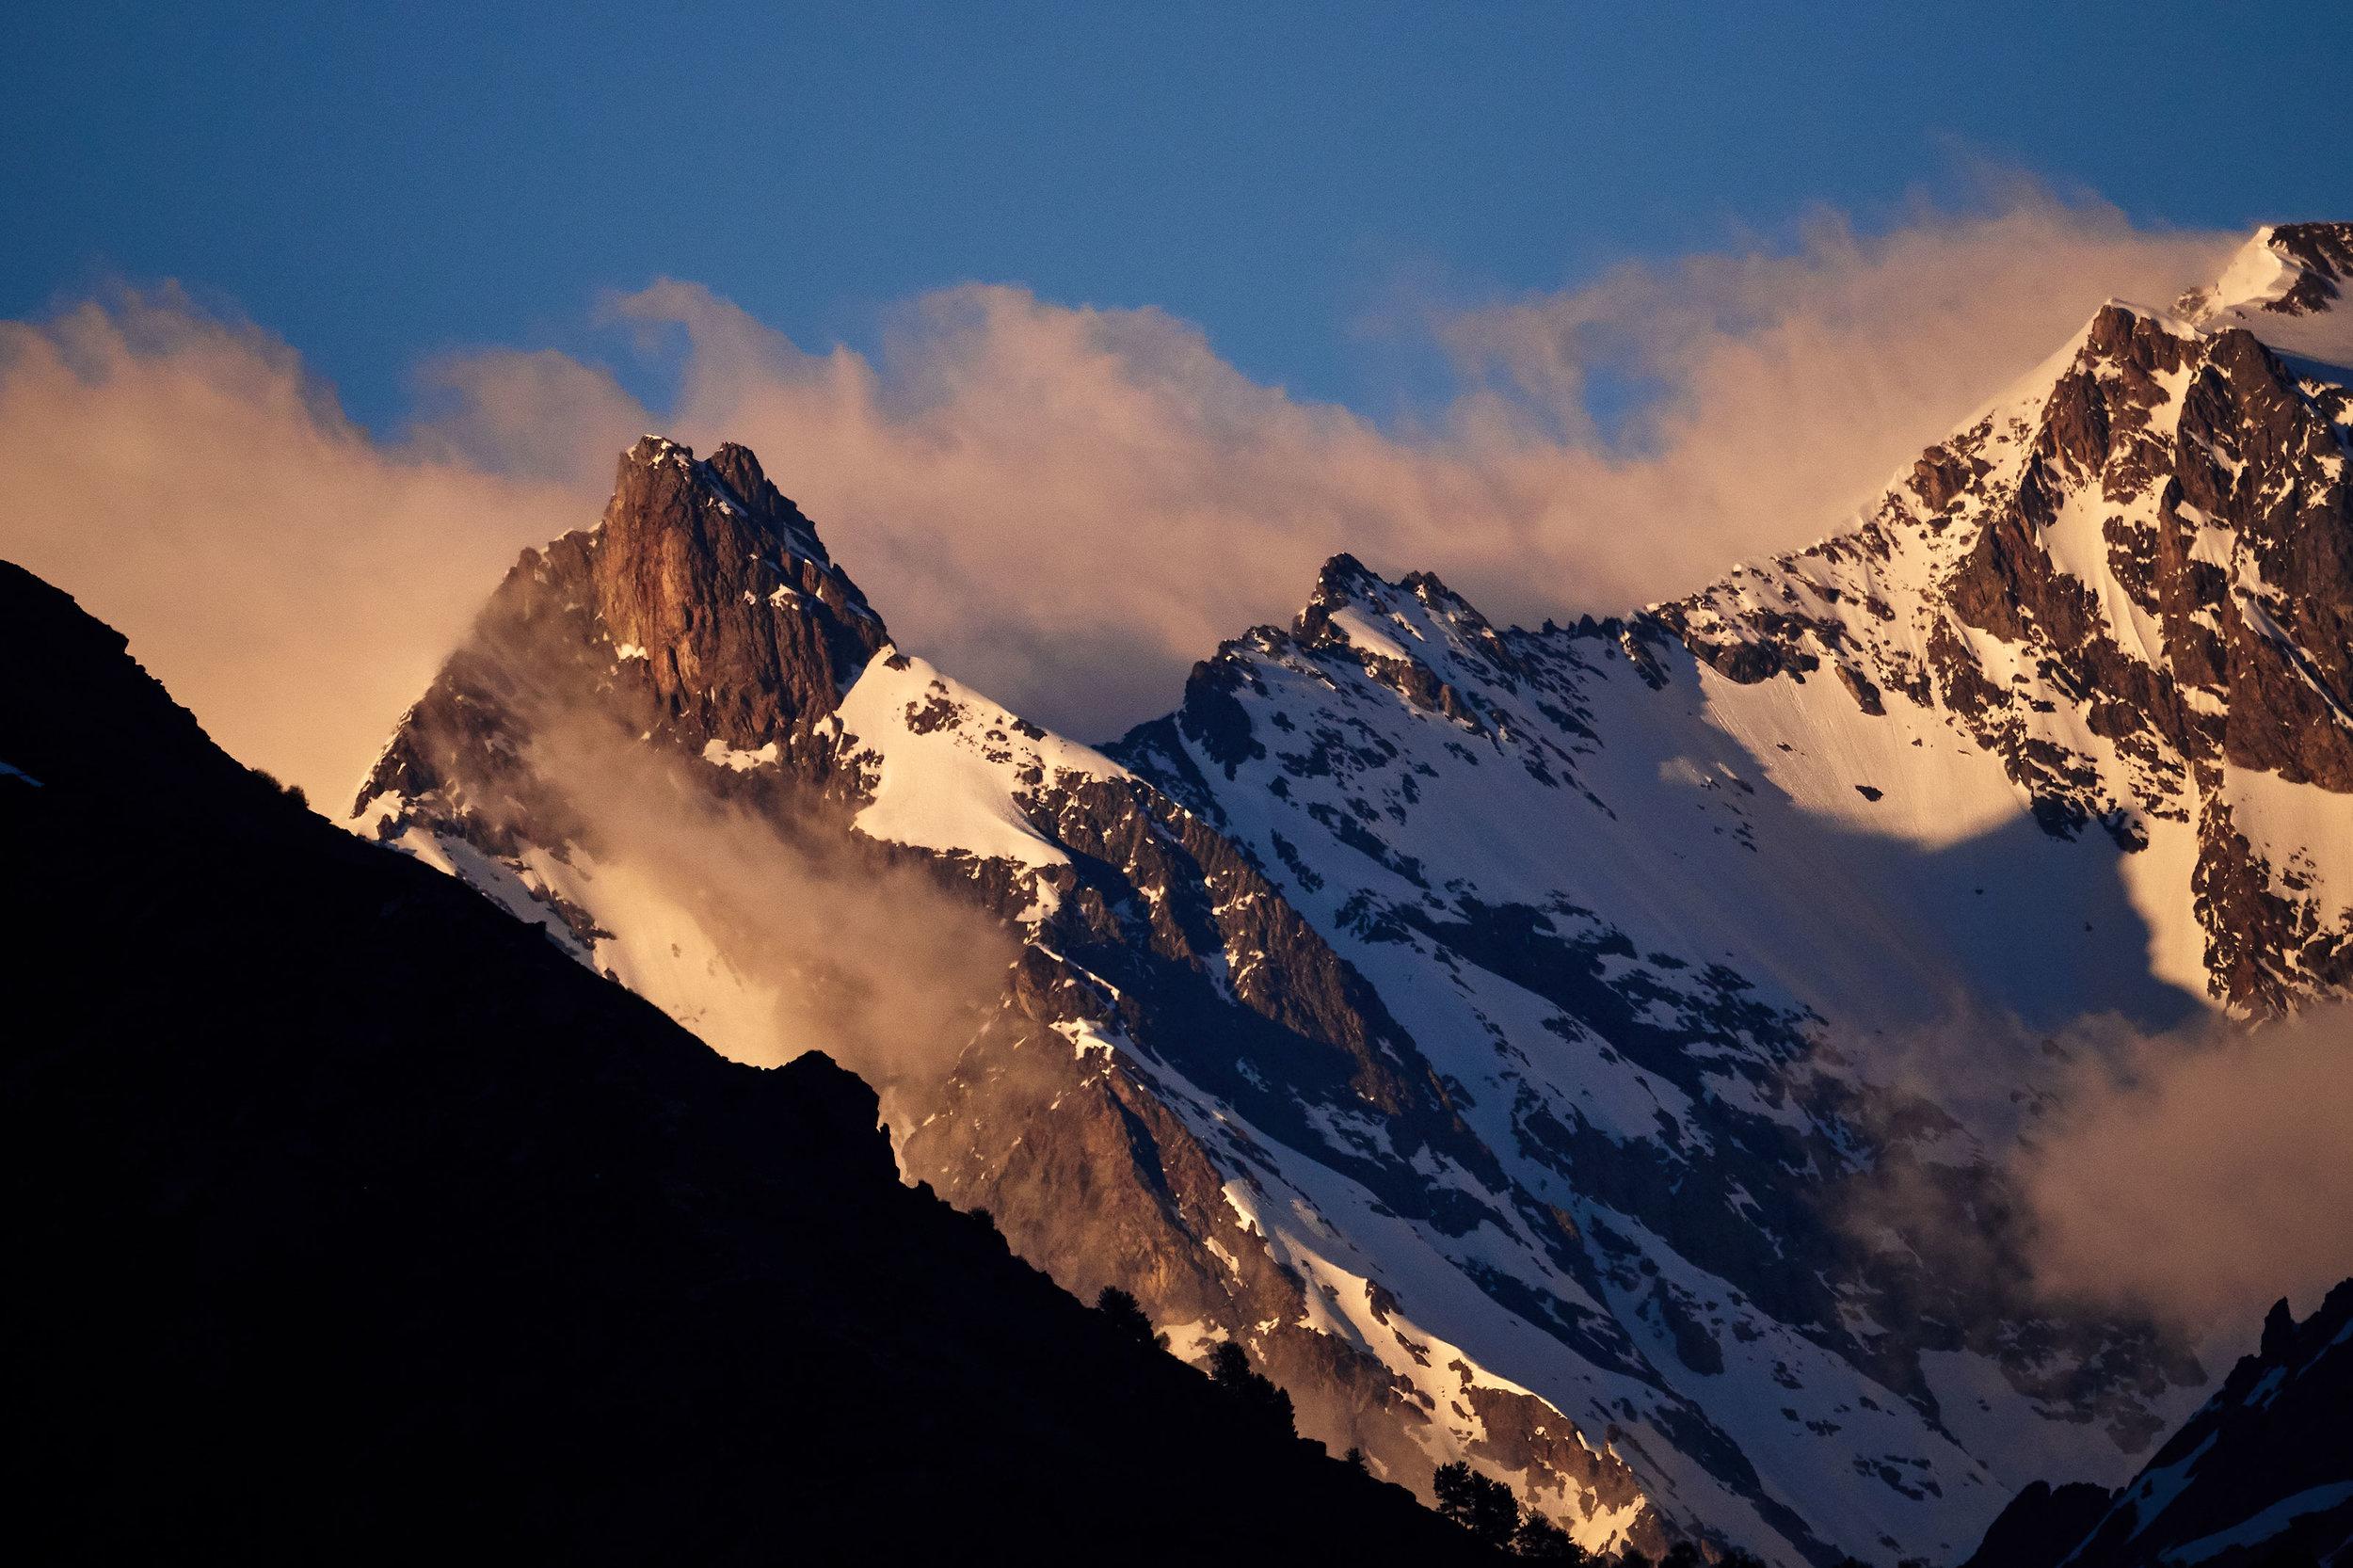 Svaneti-mountain-tops-at-sunset